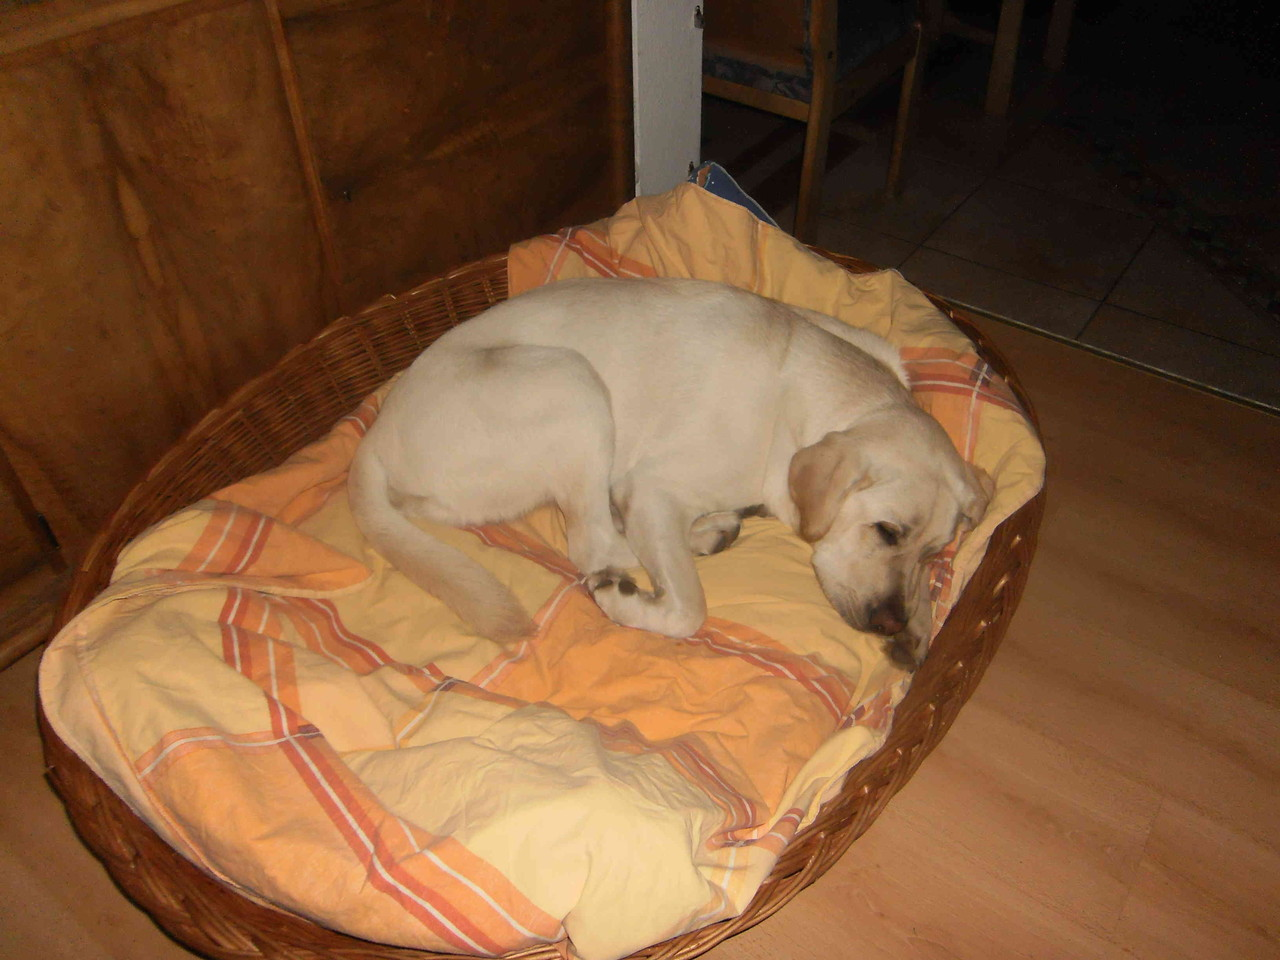 Weihnachten 2010: Ich darf wieder meine Mami für über 2 Wochen besuchen. In ihrem Körbchen fühle ich mich wie zu Hause.